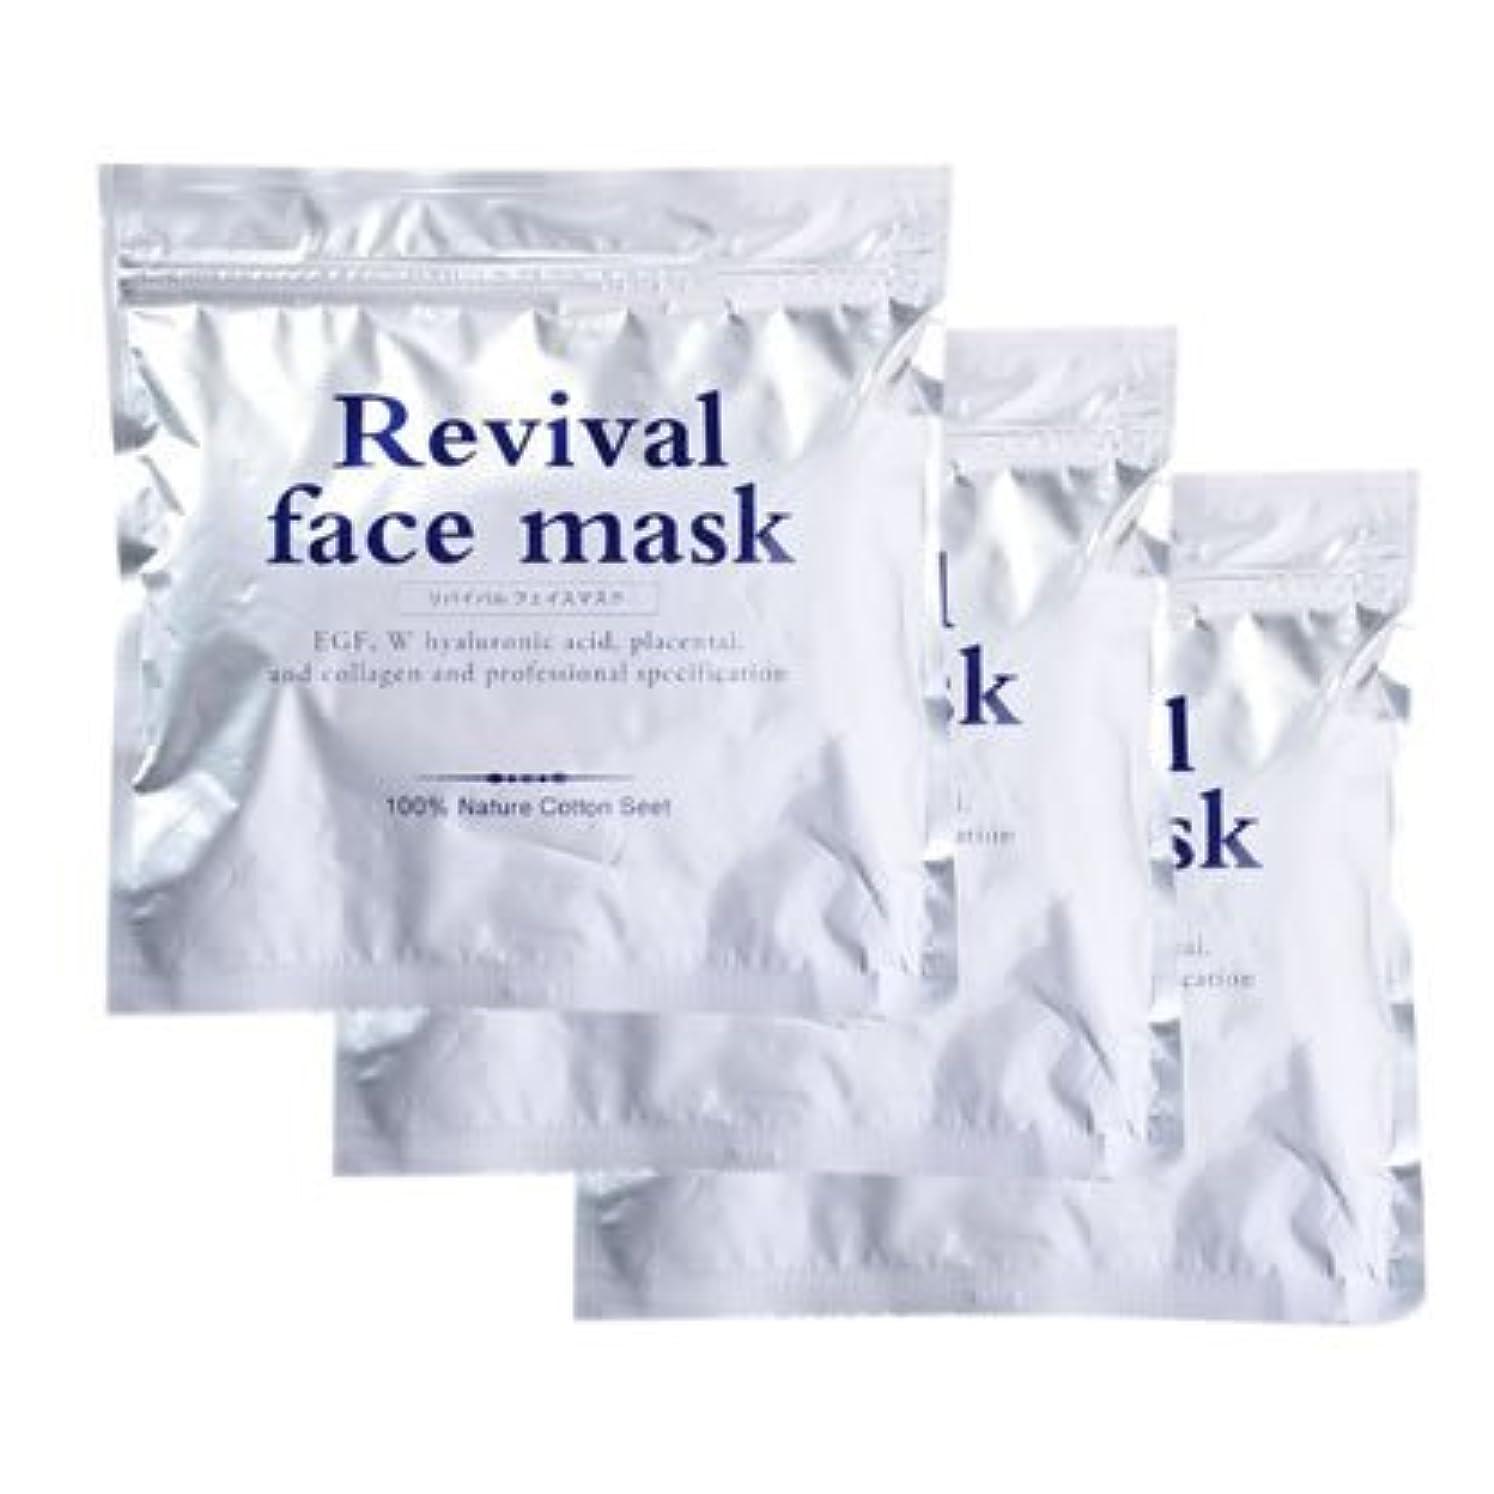 ベアリング聴覚障害者侵入するリバイバルフェイスマスク 90枚セット(30枚×3袋)